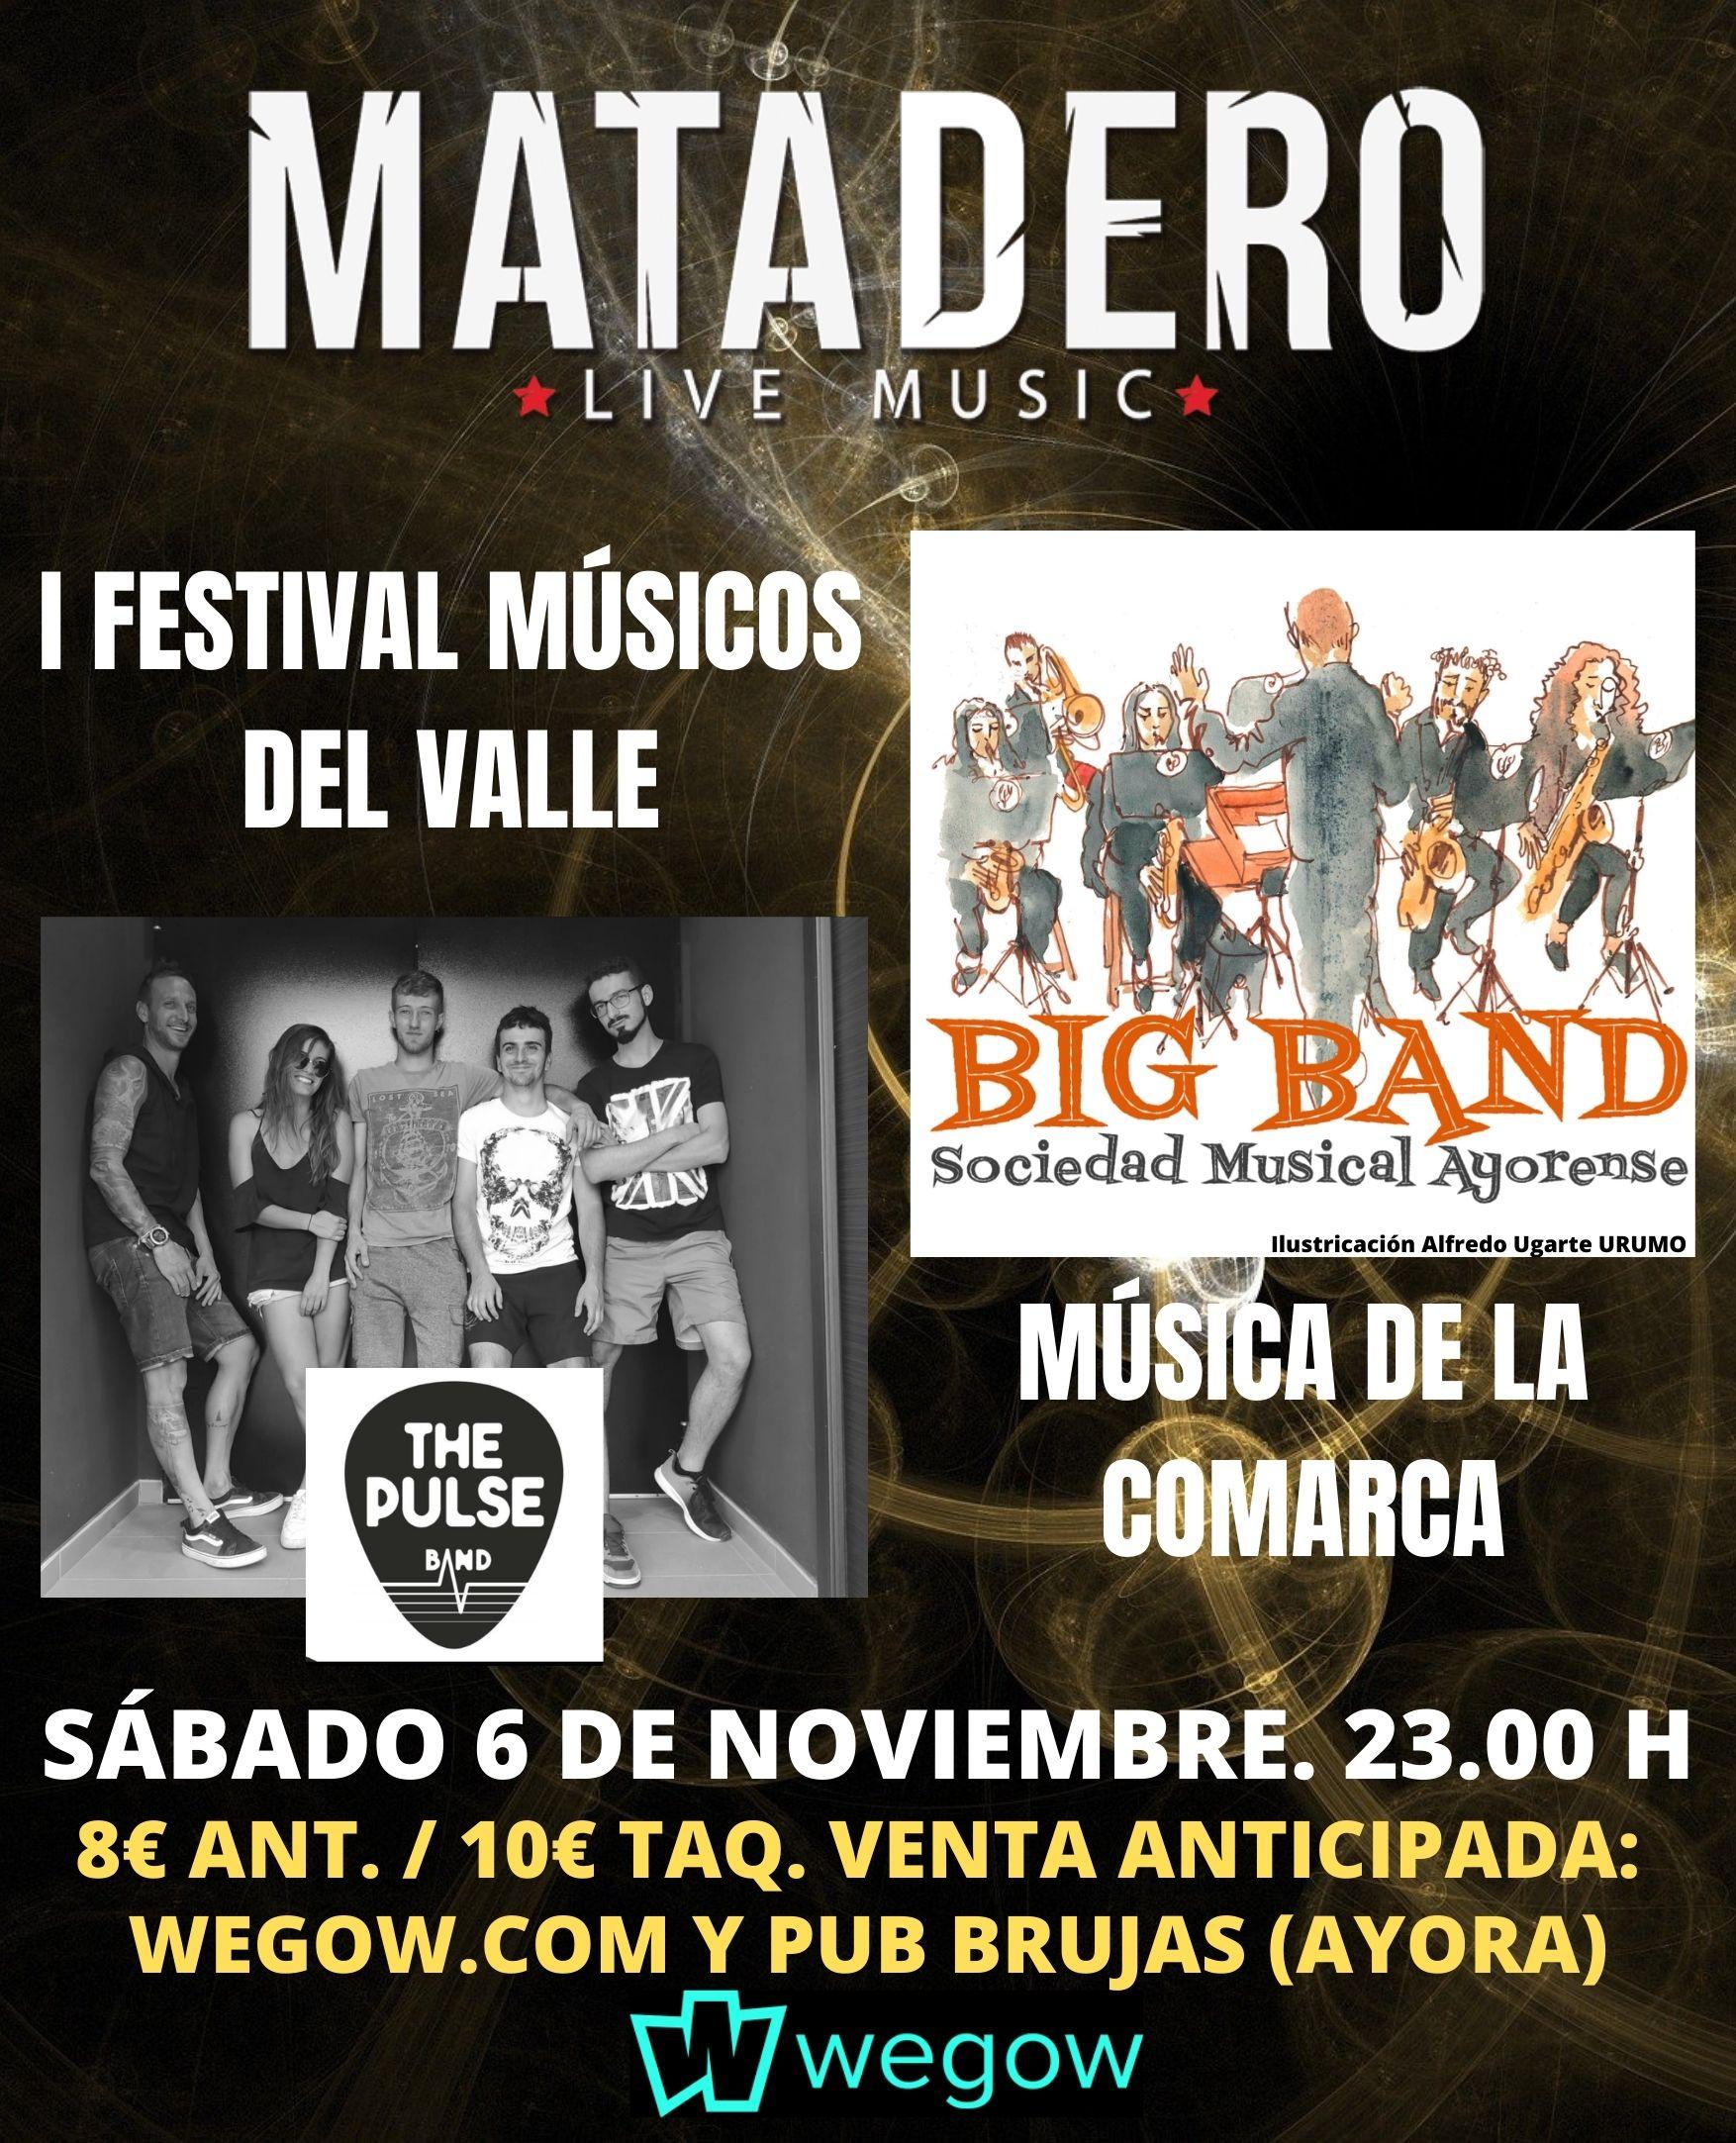 1festival musicos del valle pulsebig band ayora 1634236794028109